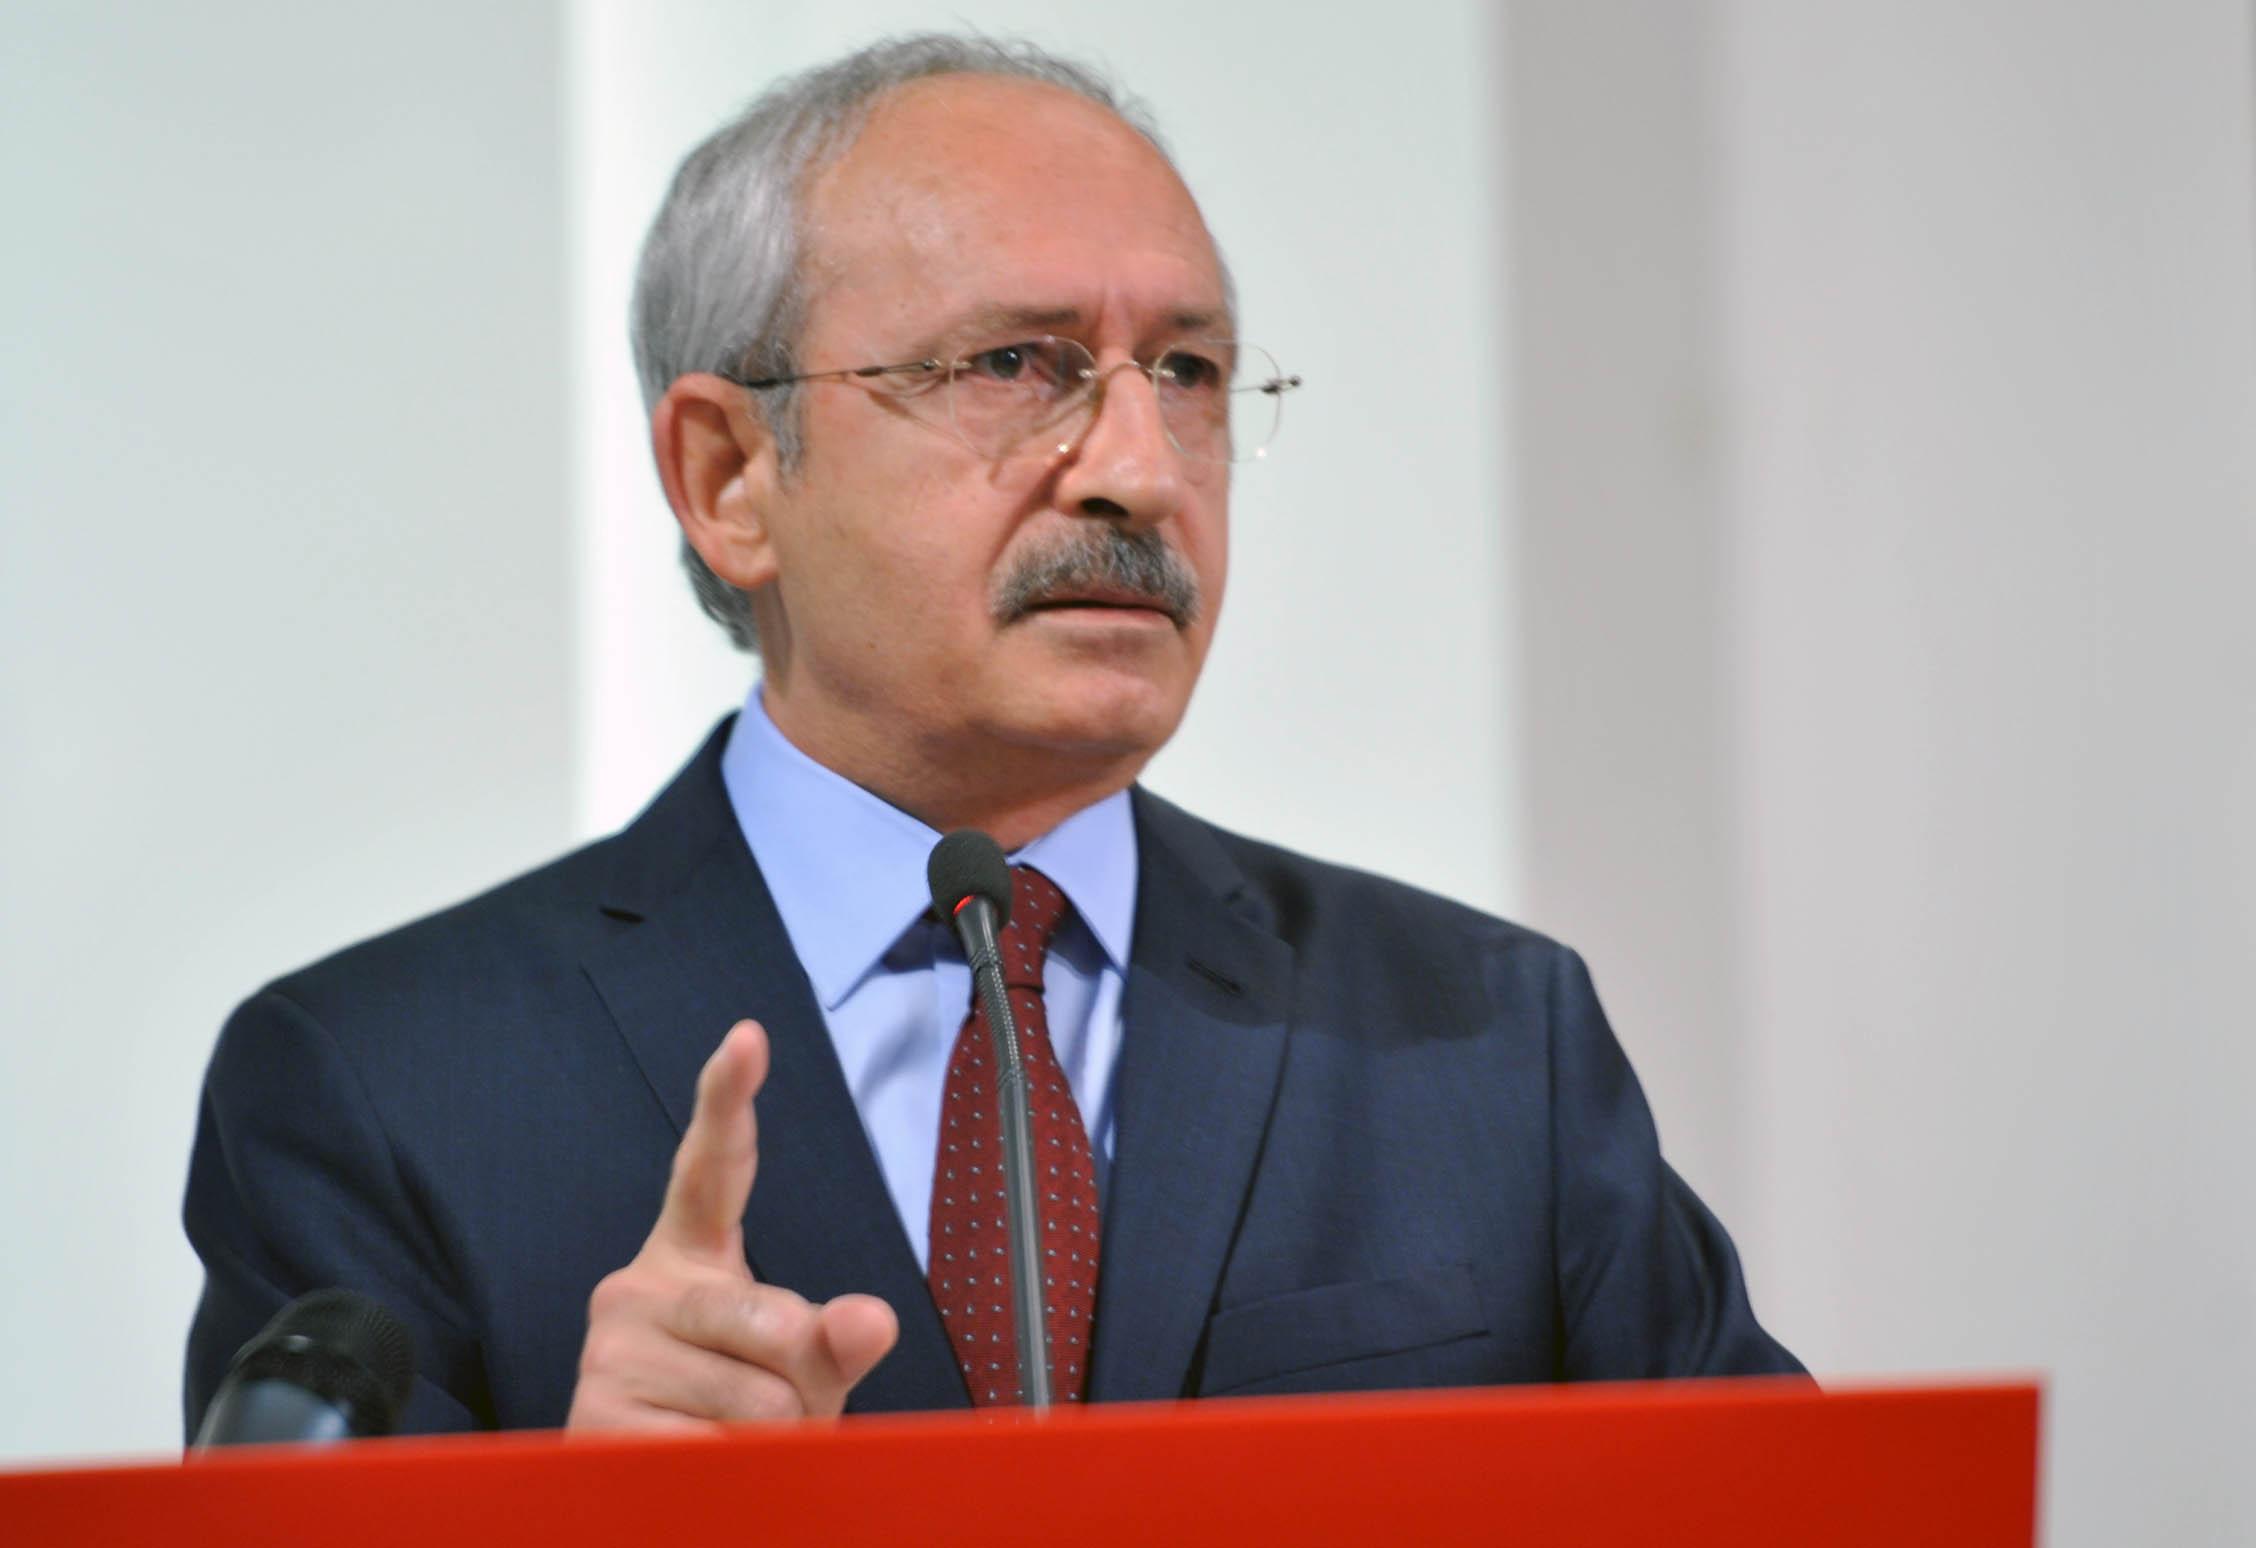 Kılıçdaroğlu: Sadece gerçekleri söyledim